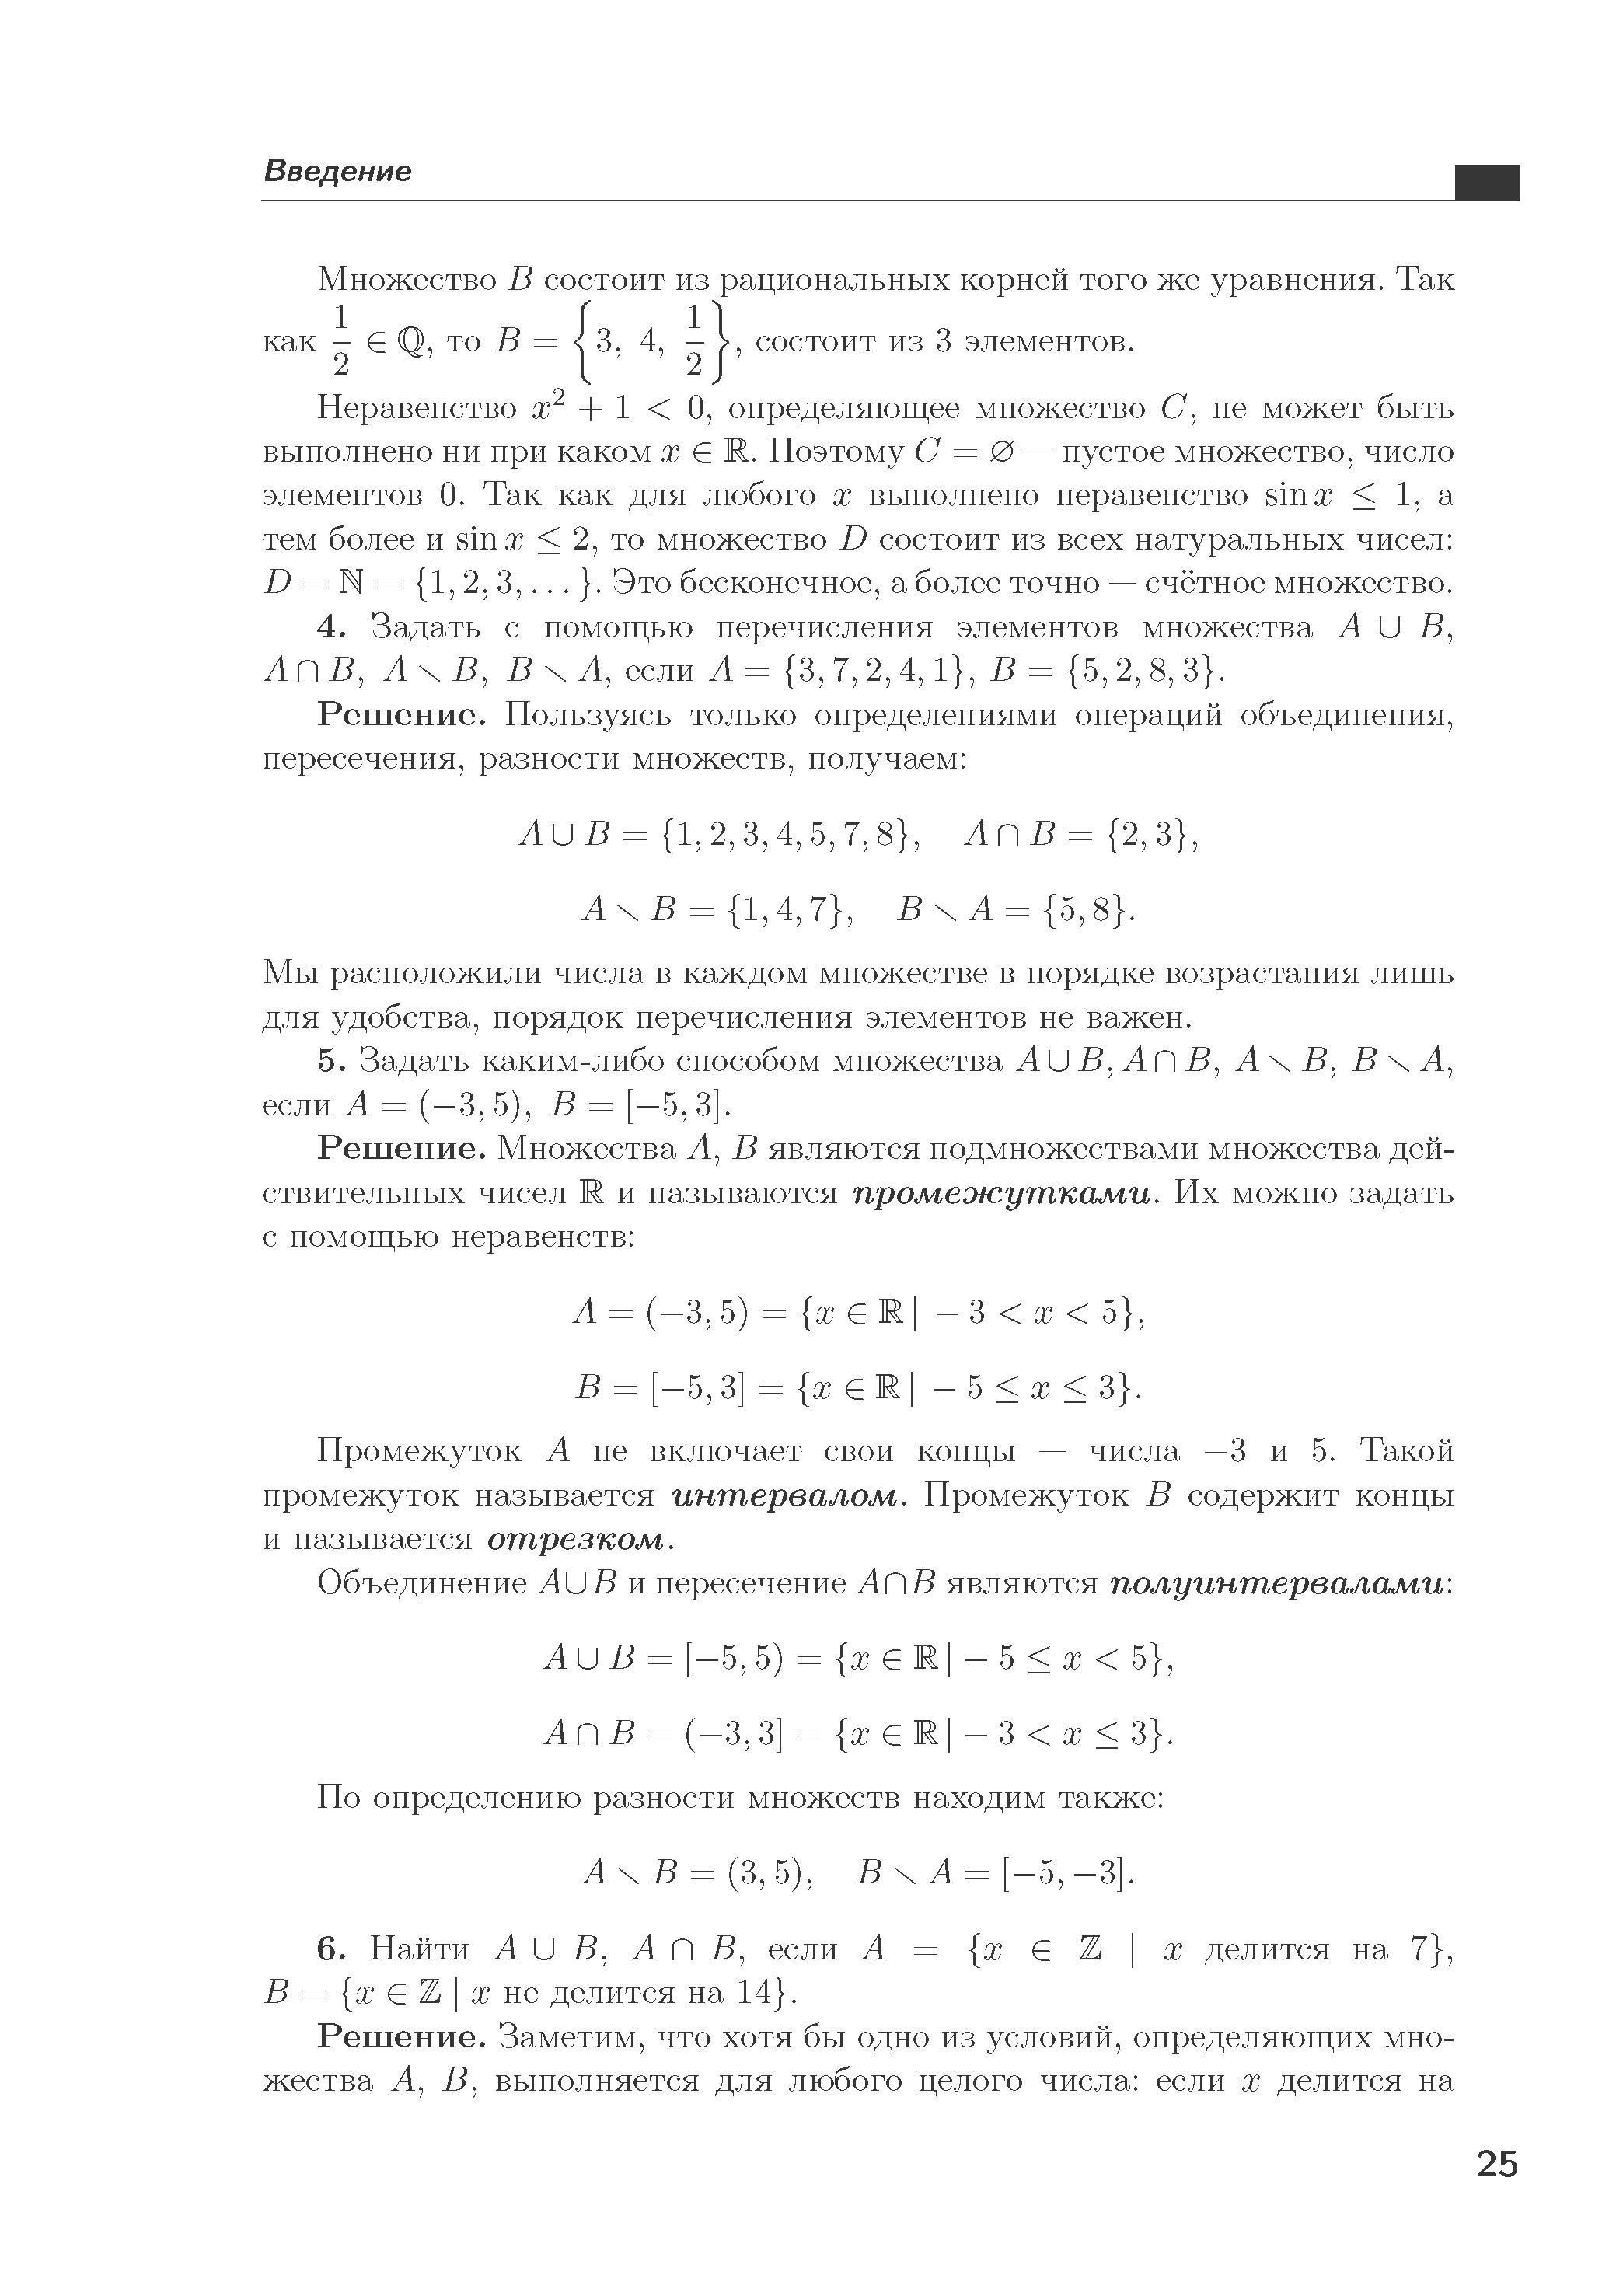 Теория чисел примеры решения задач примеры решения задач по физике на термодинамику